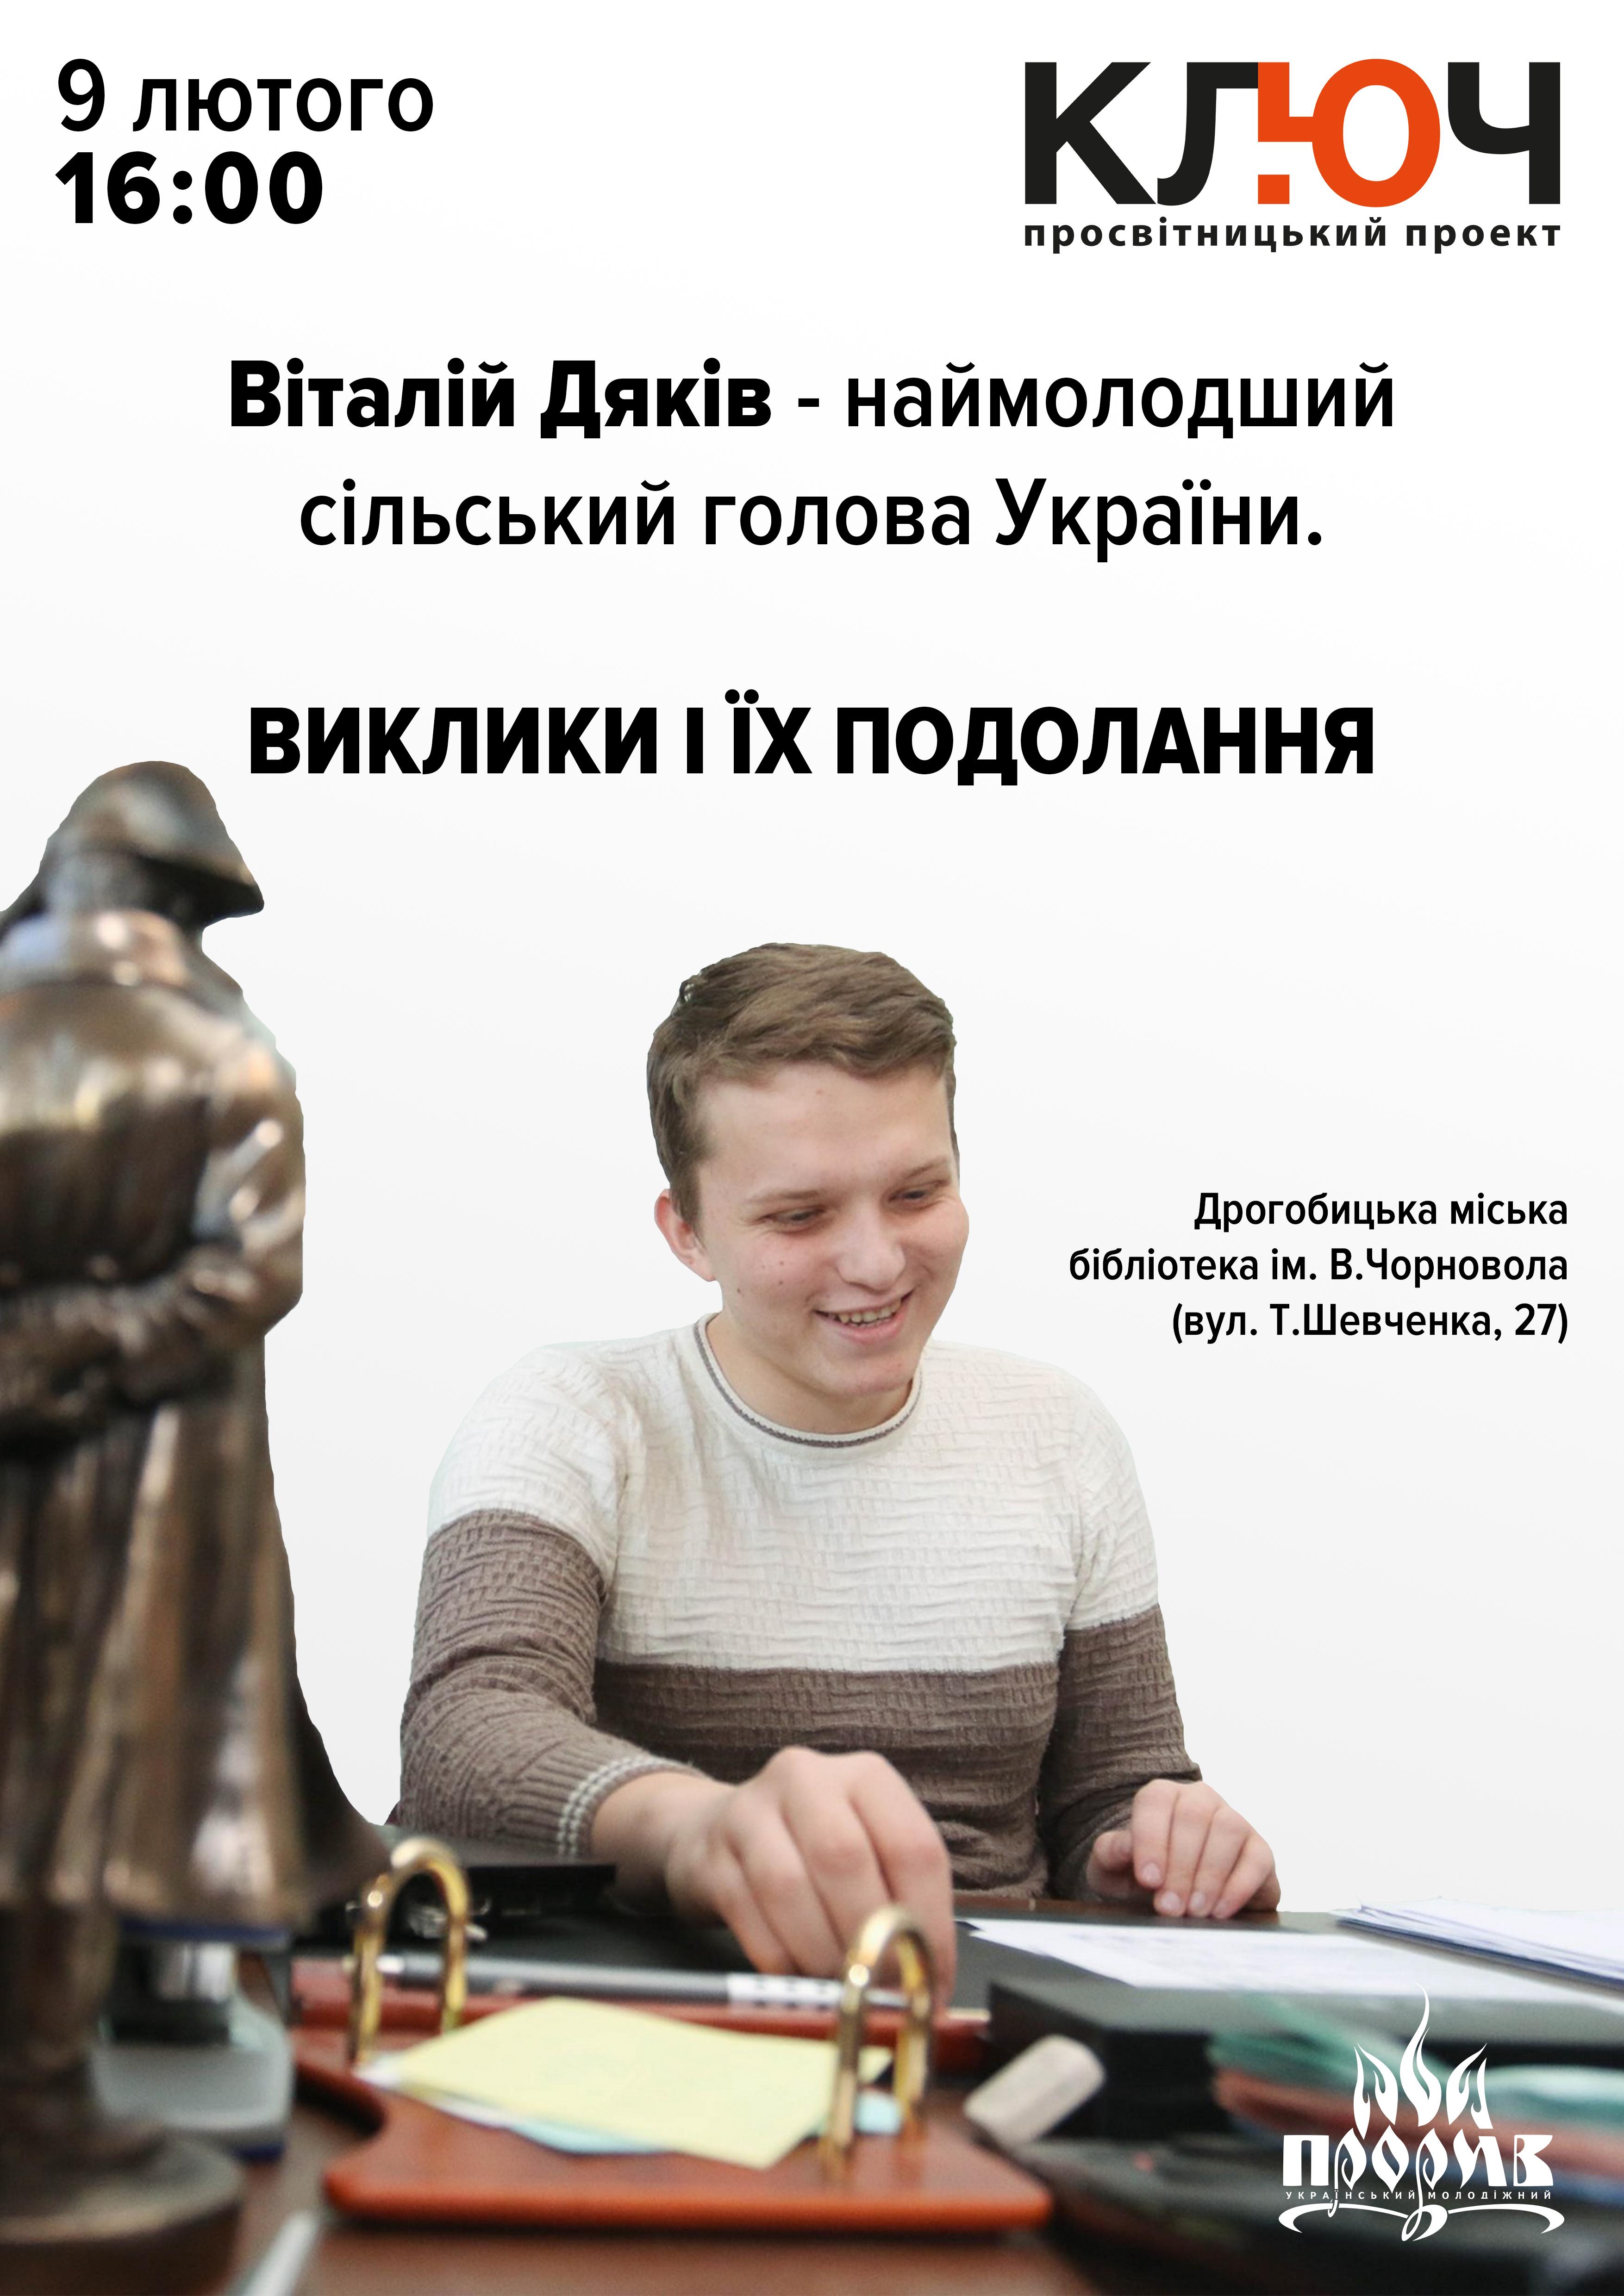 11_[Ключ] Афіша - Дяків